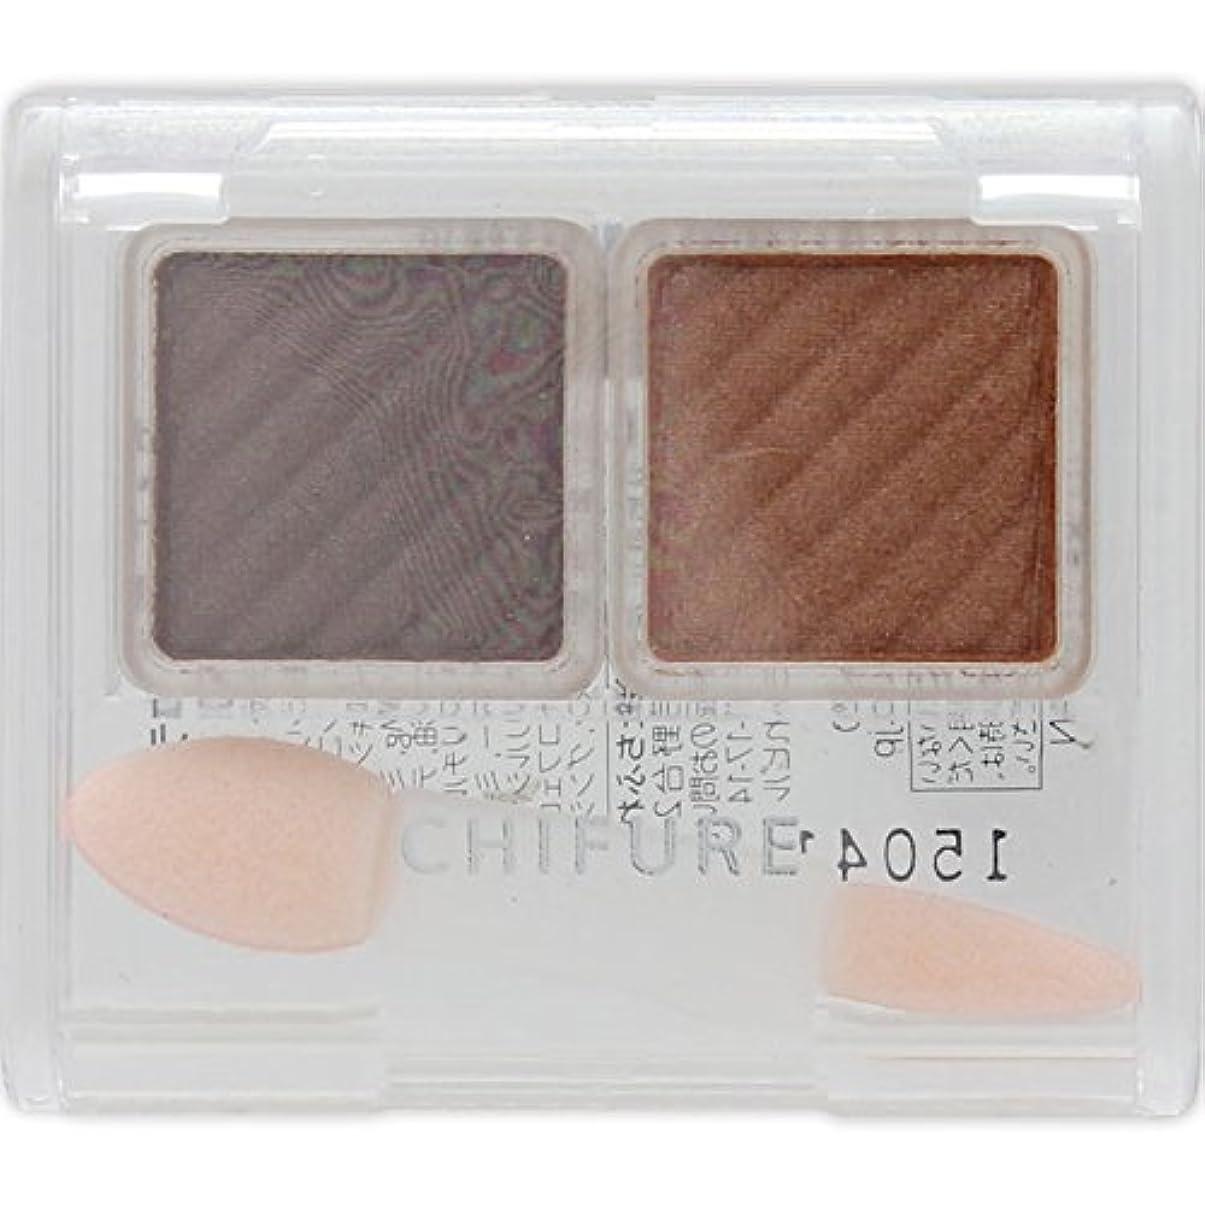 たとえ残酷な保護するちふれ化粧品 アイ カラー(チップ付) チョコレートブラウン 70番